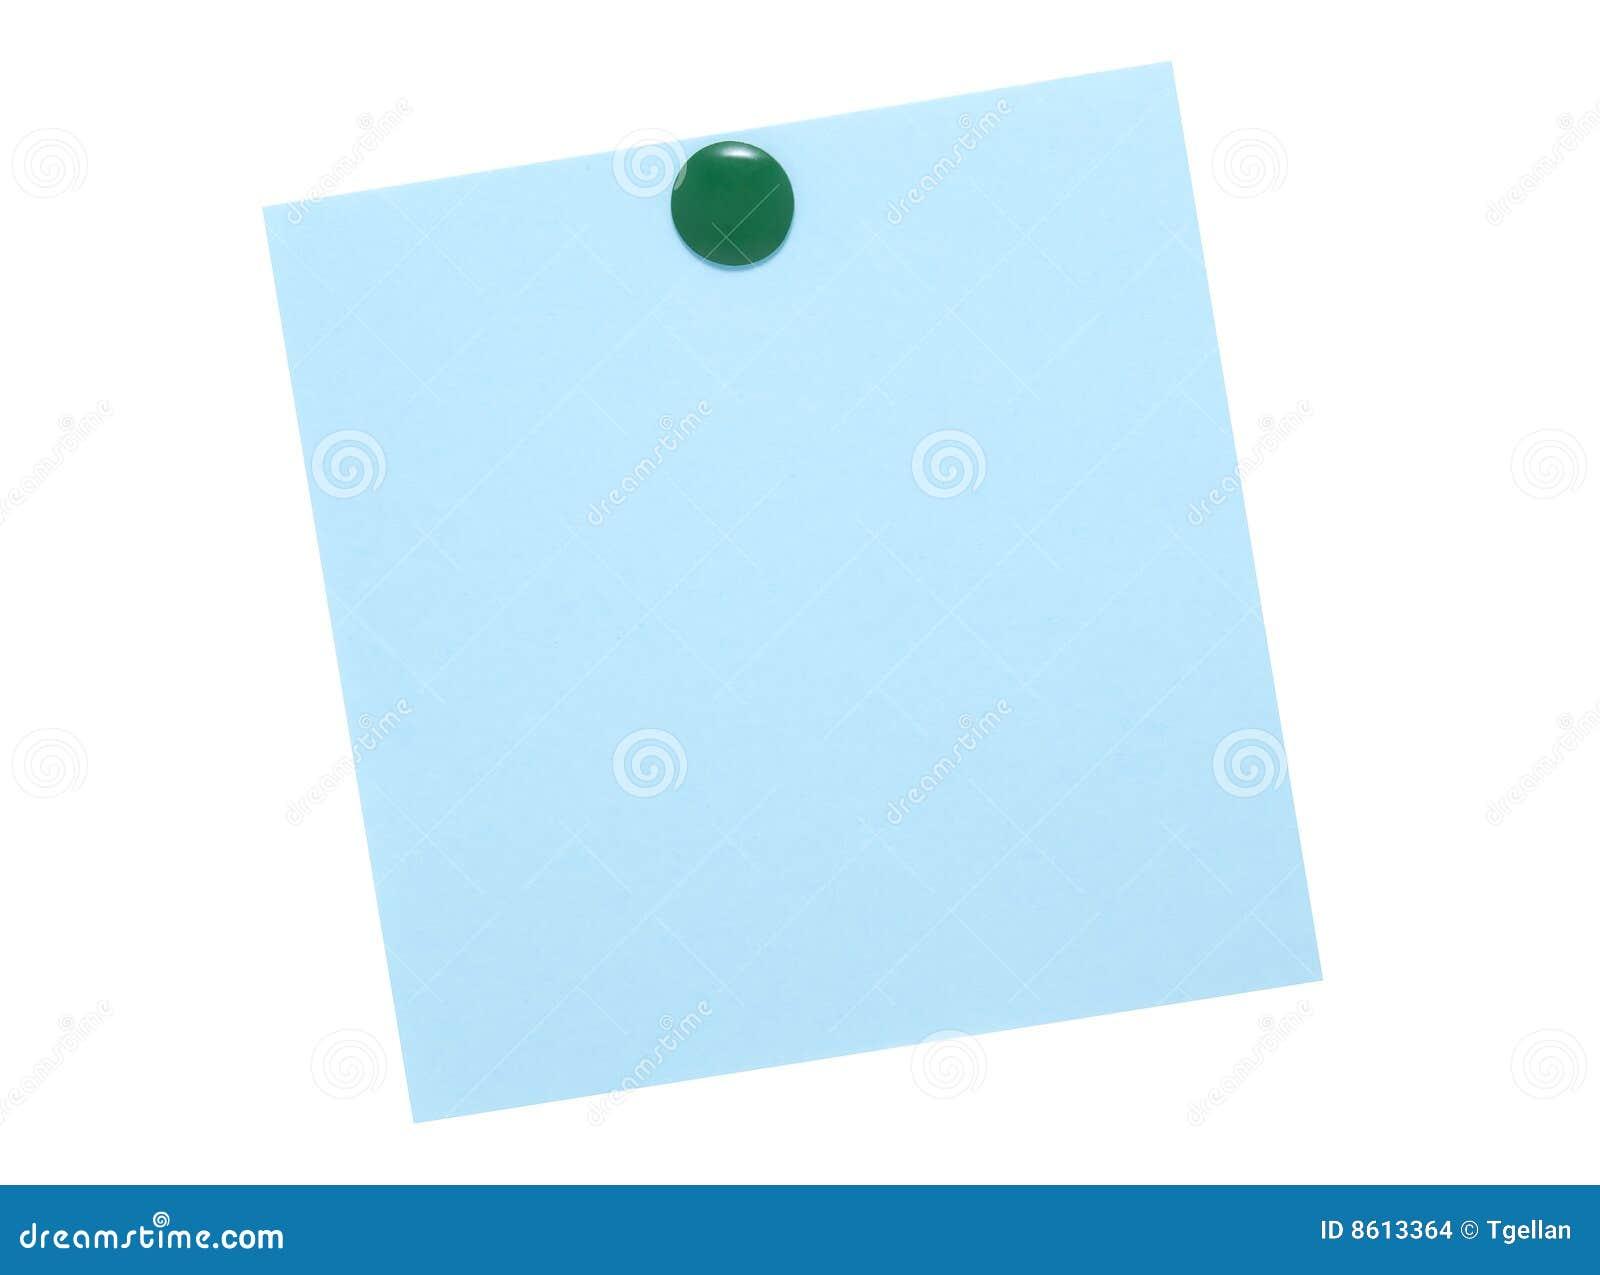 Blaue Anmerkung mit grünem Stift